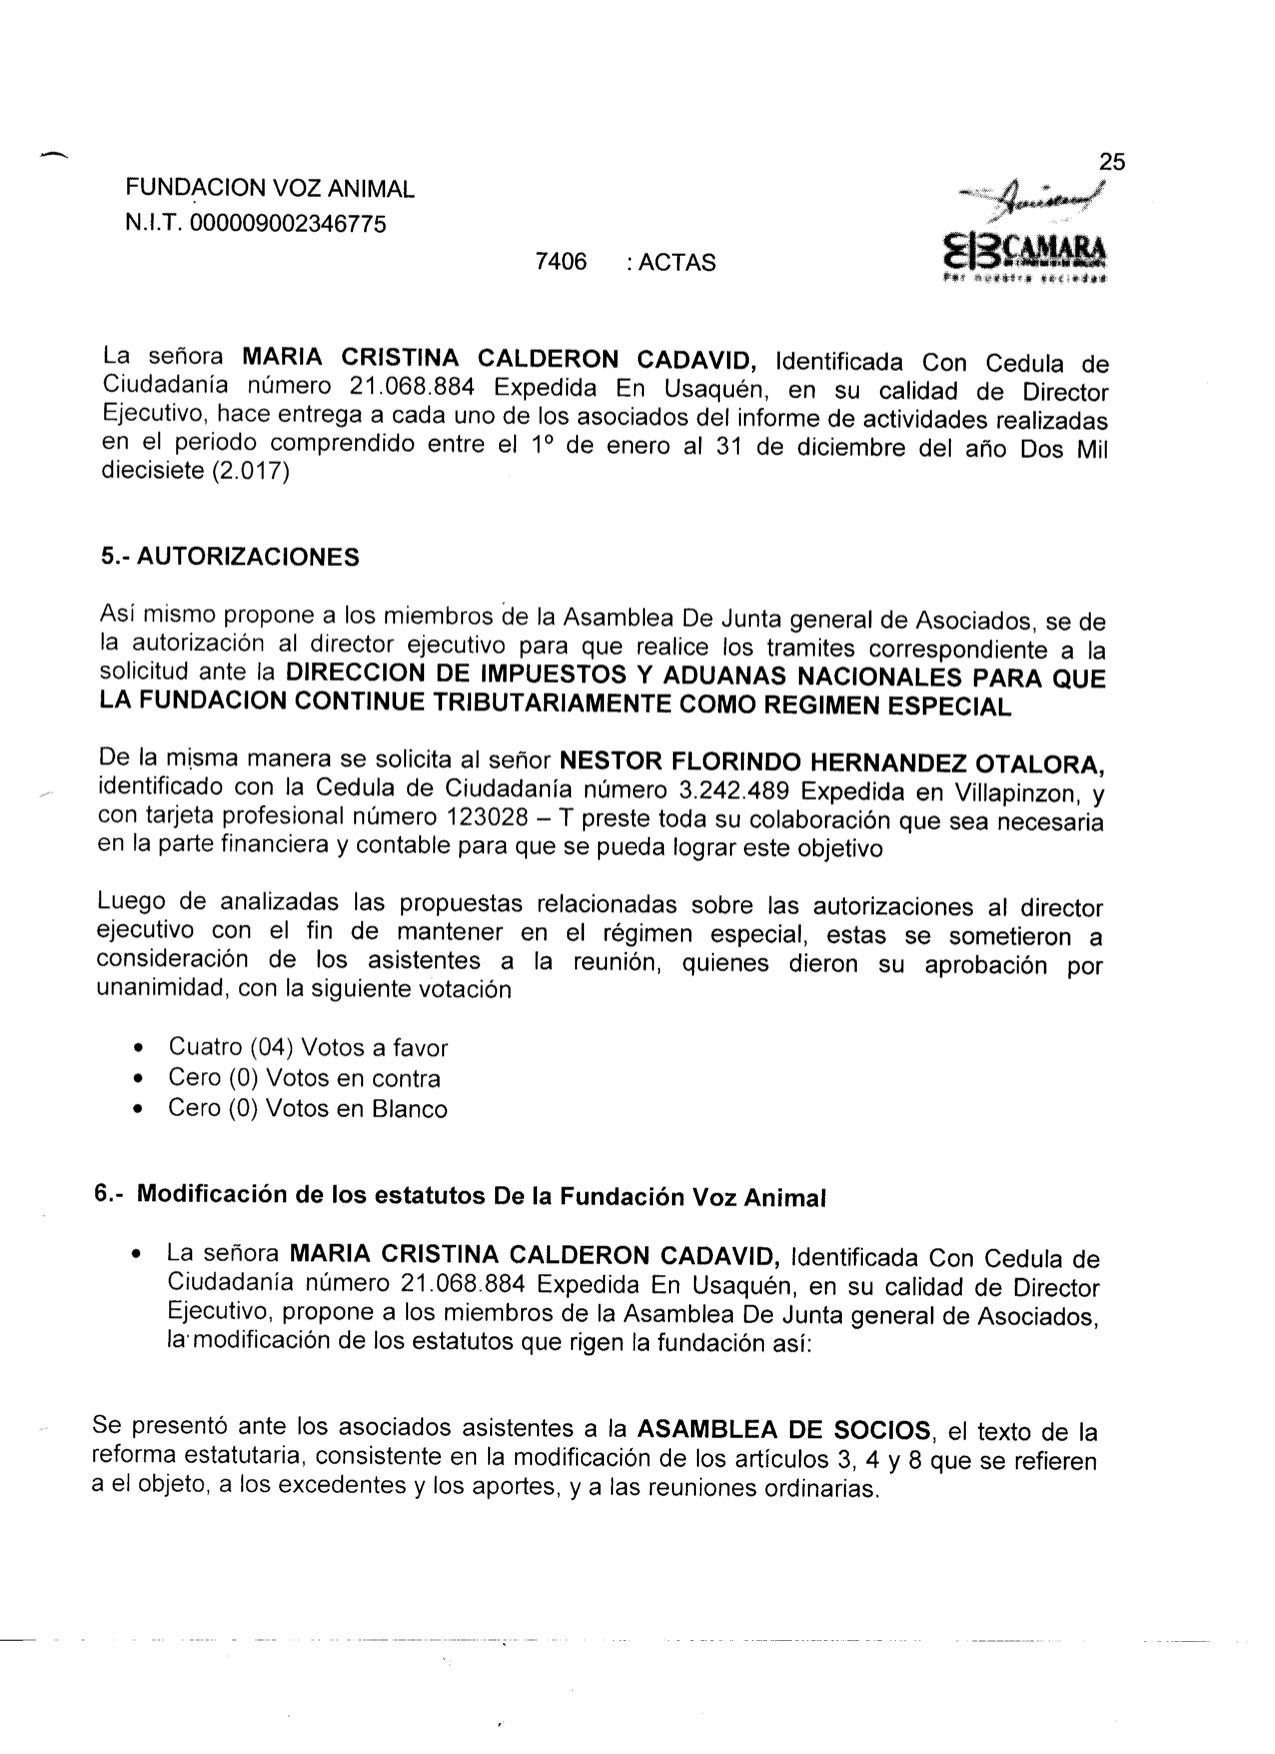 7. ACTA ASAMBLEA DE SOCIOS 2018 3